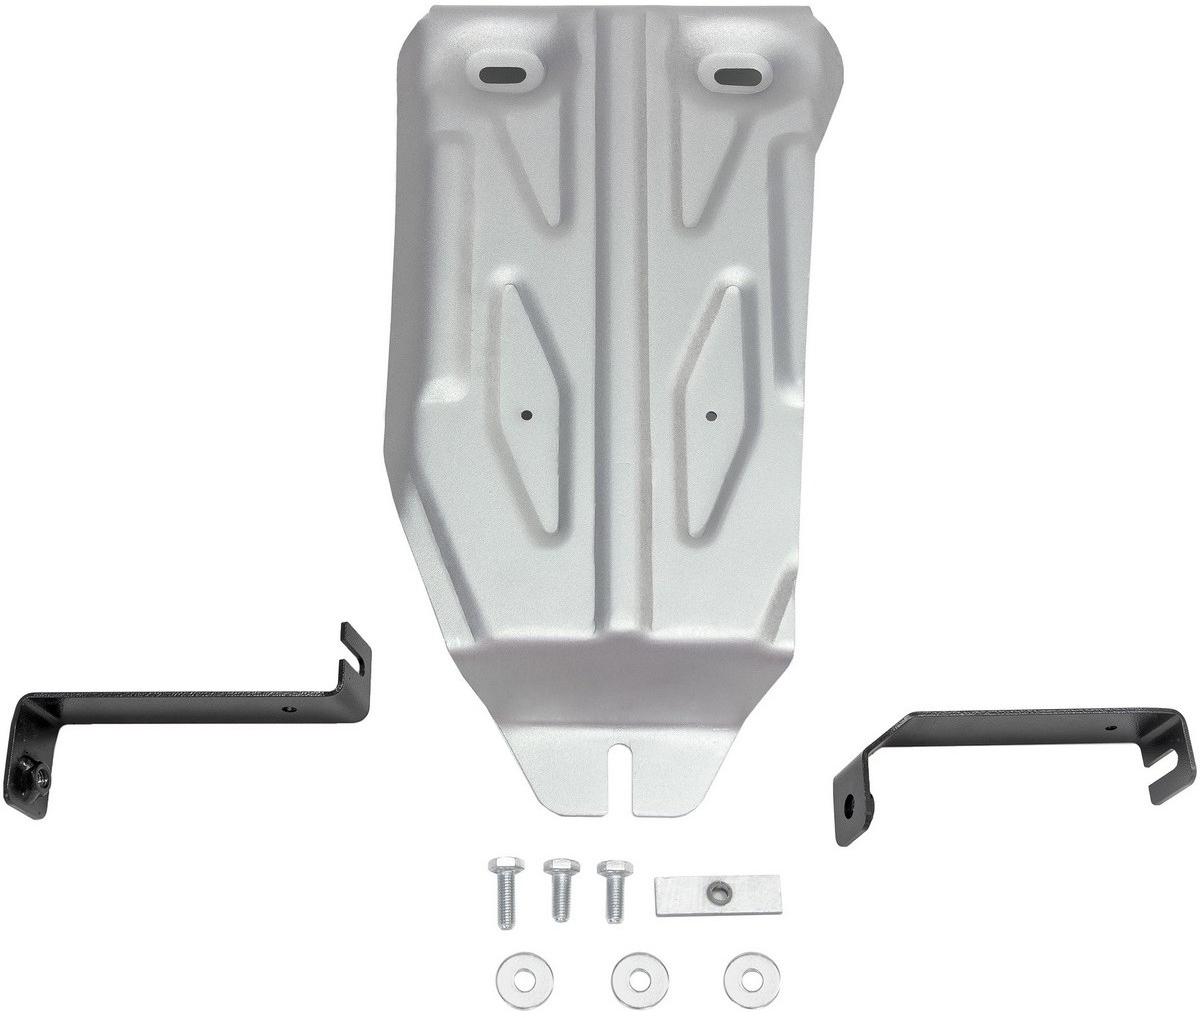 Защита редуктора Rival для Nissan Terrano 2014-2016 2016- / Renault Kaptur 2016- / Renault Duster 2011-2015 2015-, алюминий 4 мм333.4719.1Защита редуктора Rival для Nissan Terrano V - 1.6; 2.0 4WD 2016-н.в./Nissan Terrano V - 1.6; 2.0 4WD 2014-2016/Renault Duster V - 1.6; 2.0; 1.5d 4WD 2015-н.в./Renault Kaptur V - 2.0 4WD 2016-н.в./Renault Duster V - 1.6; 2.0; 1.5d 4WD 2011-2015, алюминий 4 мм, крепеж в комплекте, 333.4719.1Алюминиевые защиты Rival надежно защищают днище вашего автомобиля от повреждений, например при наезде на бордюры, а также выполняют эстетическую функцию при установке на высокие автомобили.- Толщина алюминиевых защит в 2 раза толще стальных, а вес при этом меньше до 30%.- Отлично отводит тепло от двигателя своей поверхностью, что спасает двигатель от перегрева в летний период или при высоких нагрузках.- В отличие от стальных, алюминиевые защиты не поддаются коррозии, что гарантирует срок службы защит более 5 лет.- Покрываются порошковой краской, что надолго сохраняет первоначальный вид новой защиты и защищает от гальванической коррозии.- Глубокий штамп дополнительно усиливает конструкцию защиты.- Подштамповка в местах крепления защищает крепеж от срезания.- Технологические отверстия там, где они необходимы для смены масла и слива воды, оборудованные заглушками, надежно закрепленными на защите.- Помимо основной функции защиты от удара, конструкция так же существенно снижает попадание в моторный отсек влаги и грязи.В комплекте инструкция по установке.Уважаемые клиенты!Обращаем ваше внимание, на тот факт, что защита имеет форму, соответствующую модели данного автомобиля. Наличие глубокого штампа и лючков для смены фильтров/масла предусмотрено не на всех защитах. Фото служит для визуального восприятия товара.